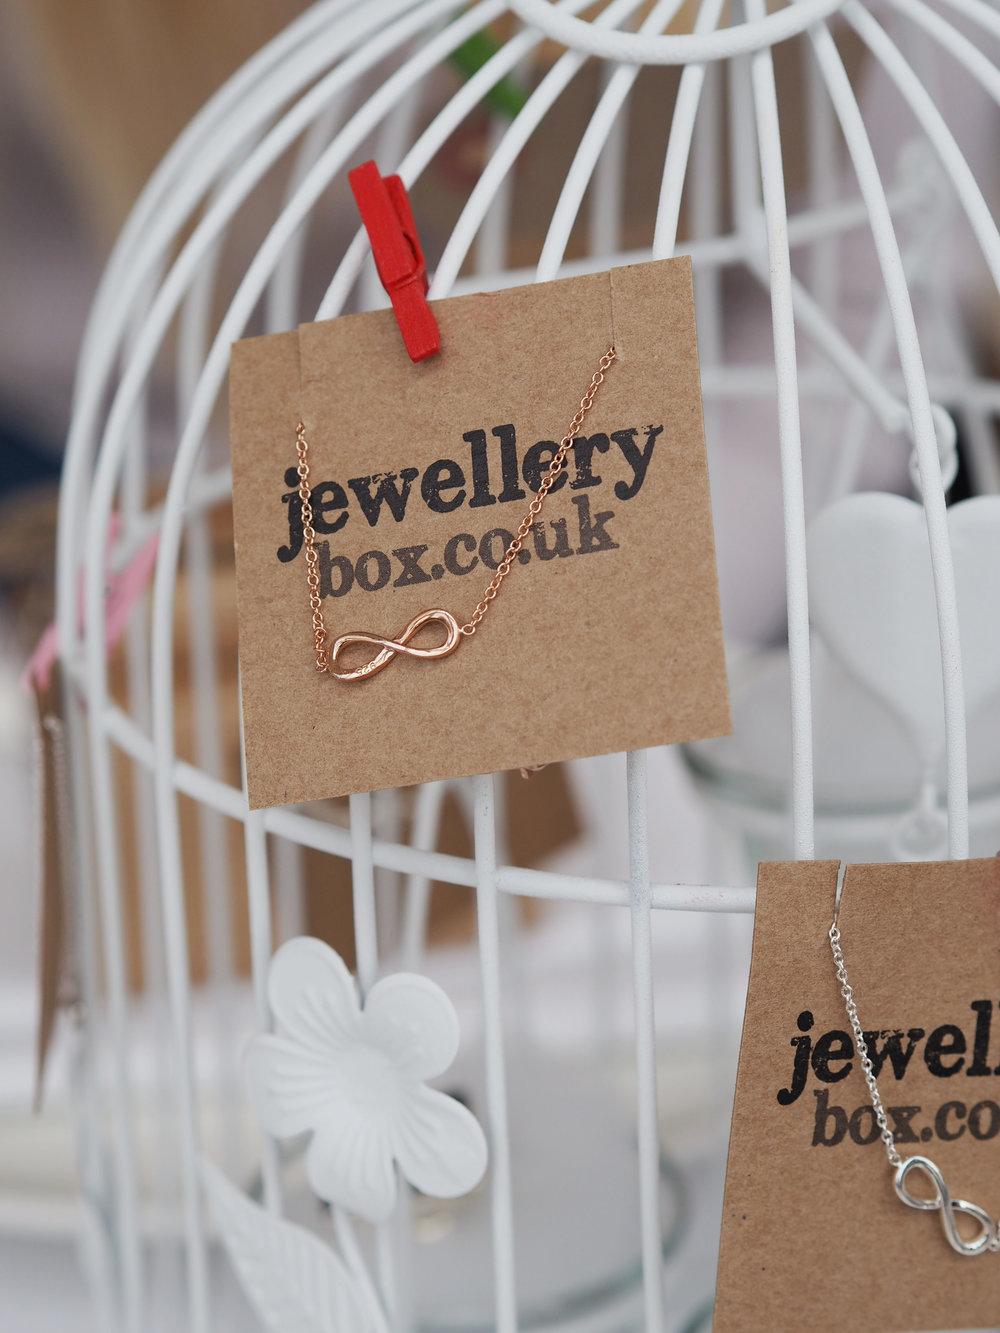 JewelleryBoxSky 459485948.jpg